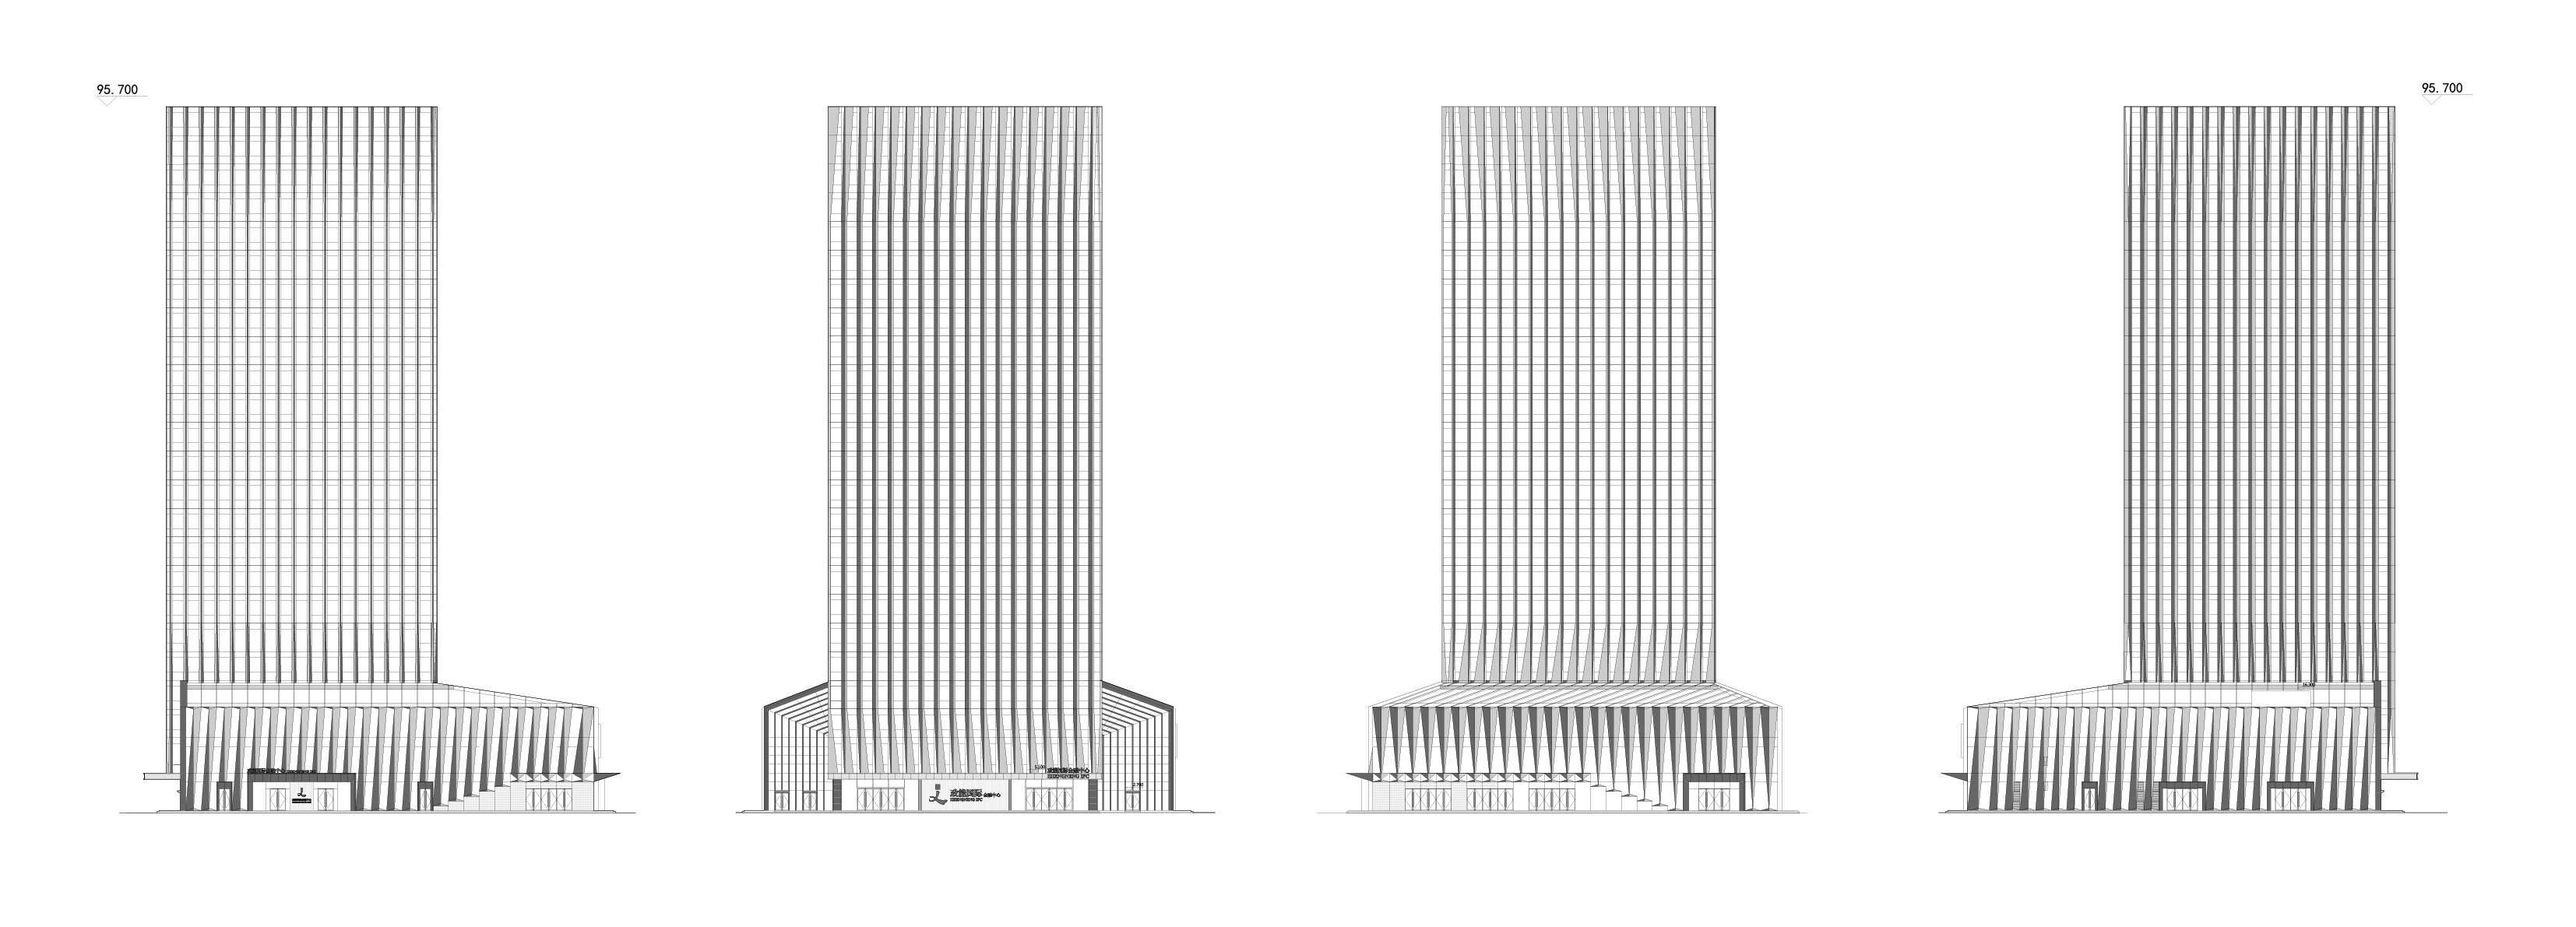 临沂政能国际金融中心建筑设计 / 出品建筑